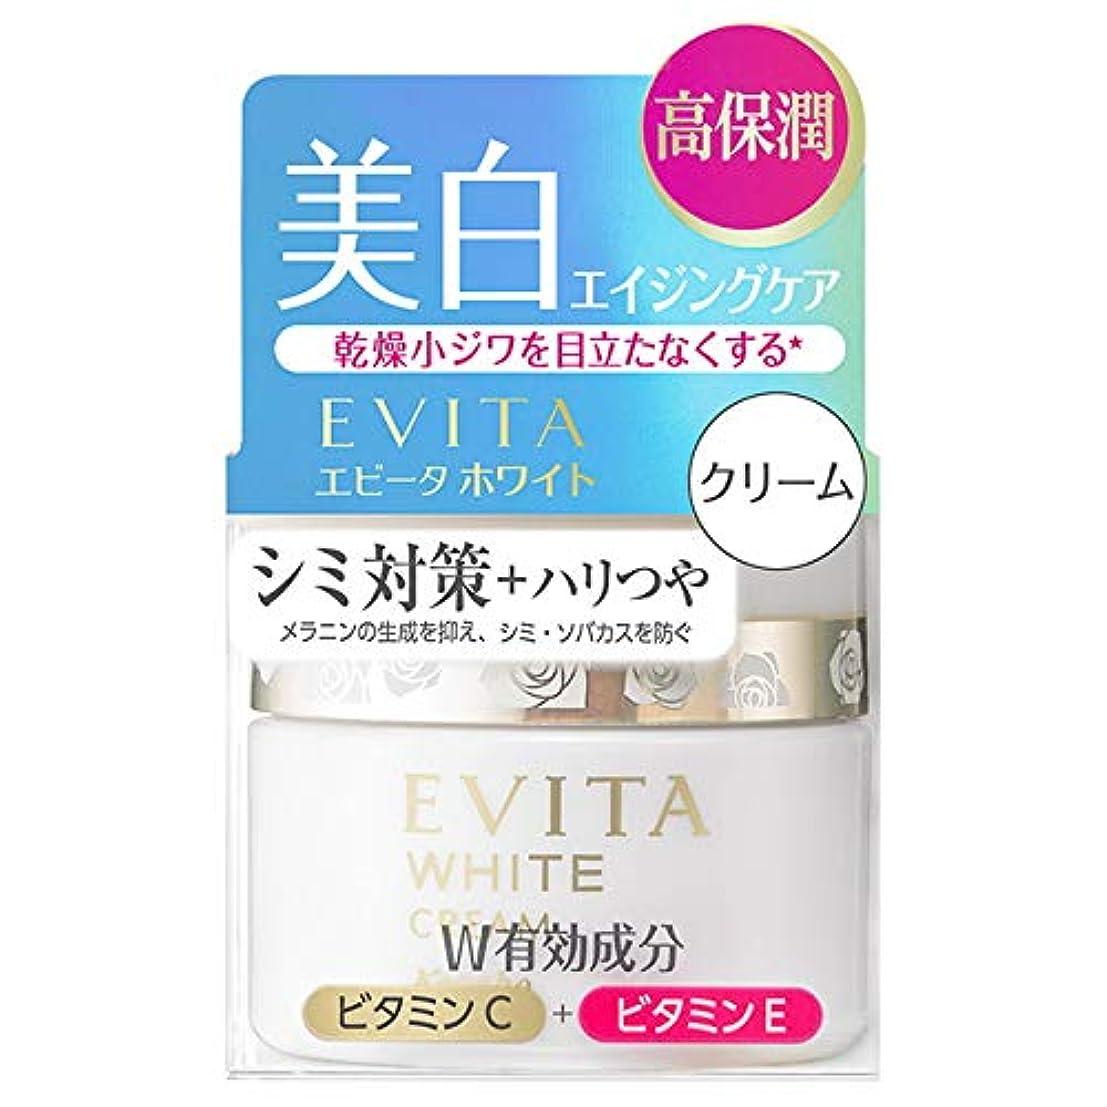 研磨研磨くるみカネボウ エビータ ホワイトクリームV 35g [医薬部外品]